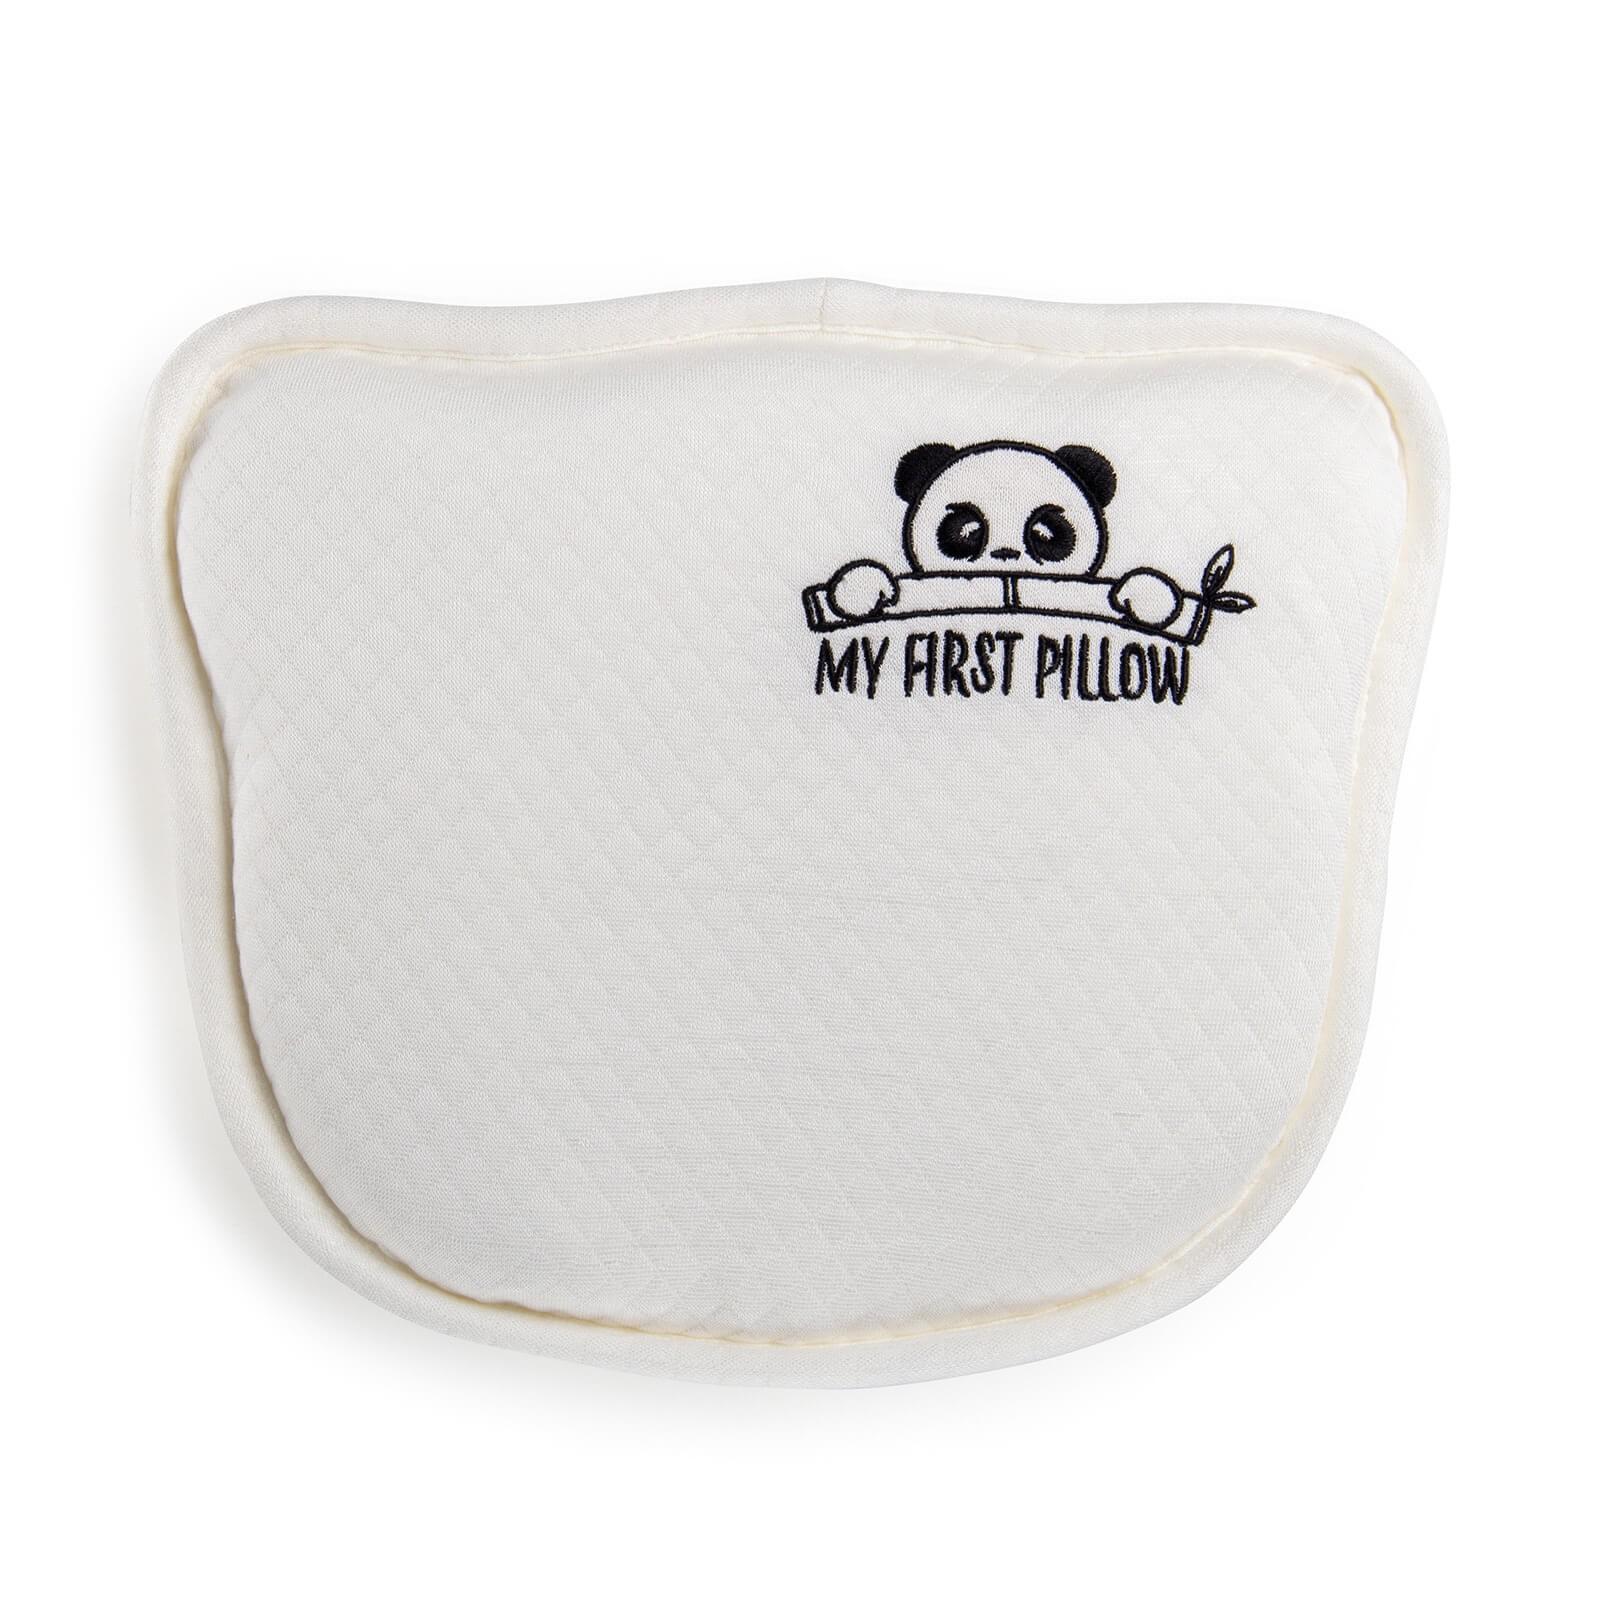 Dječji jastuk MY FIRST PILLOW – bela